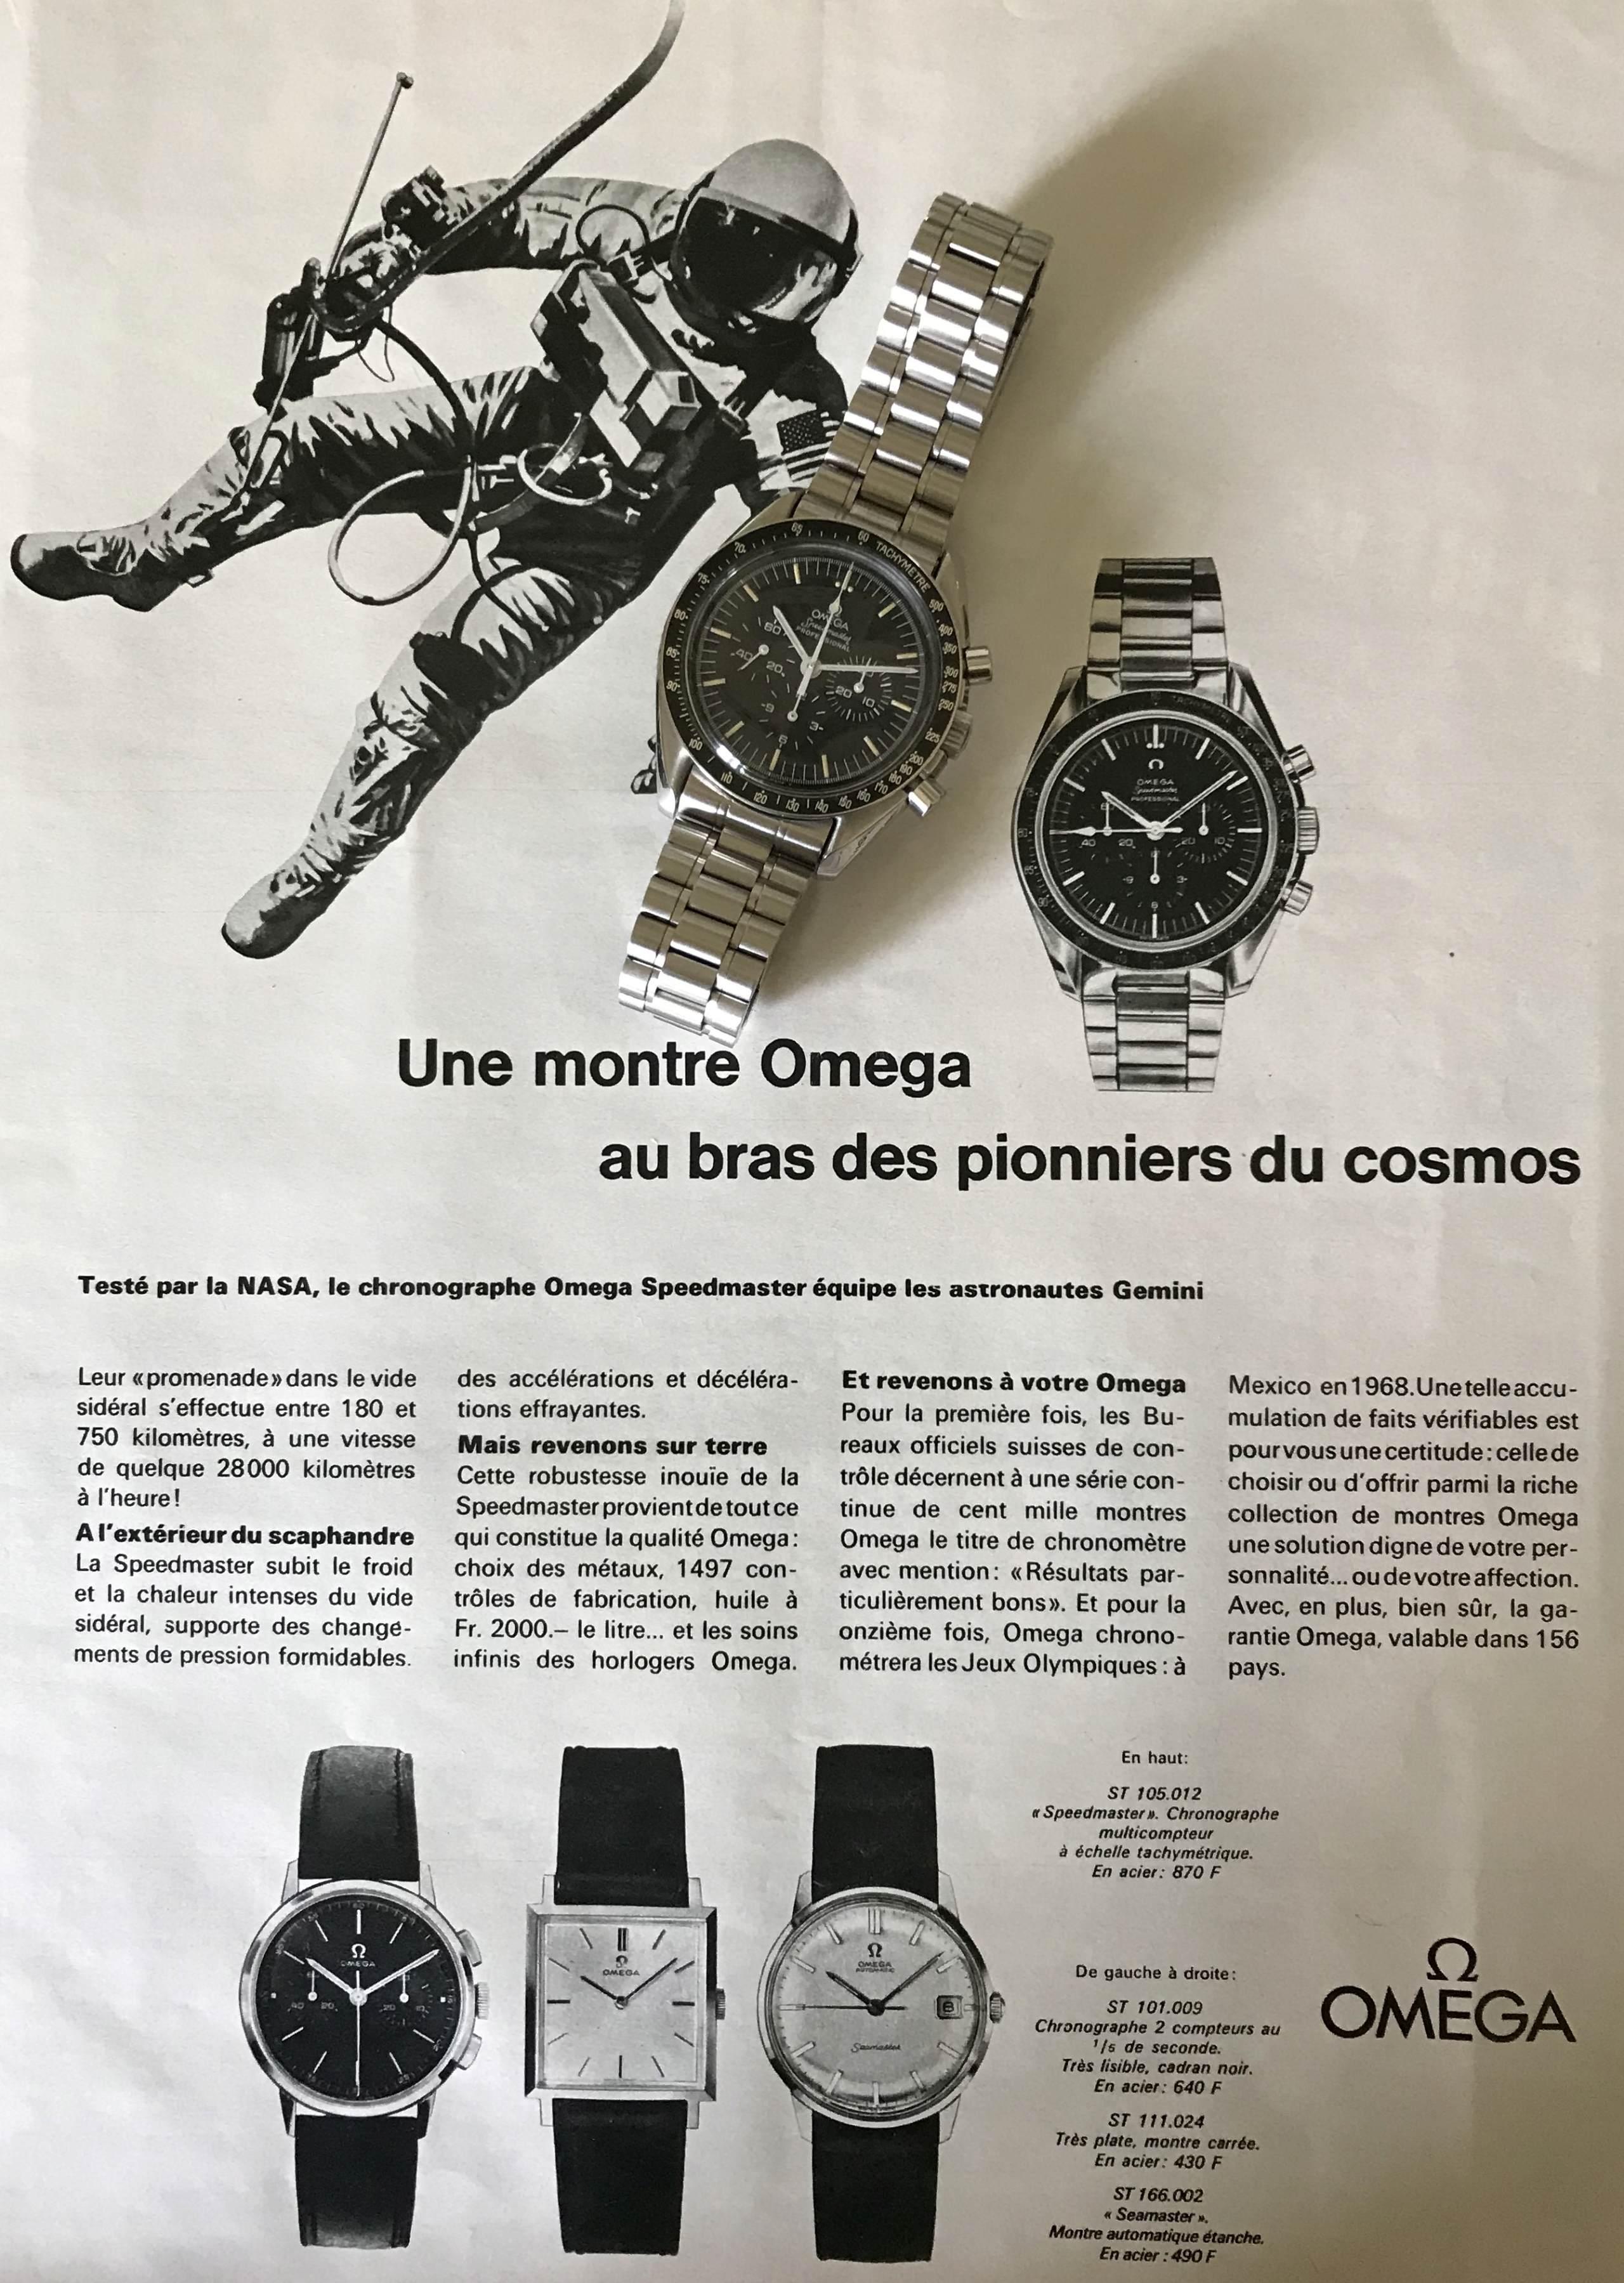 Breitling - Montres, publicités, catalogues vintages, marions-les ! - Page 5 Fulls139